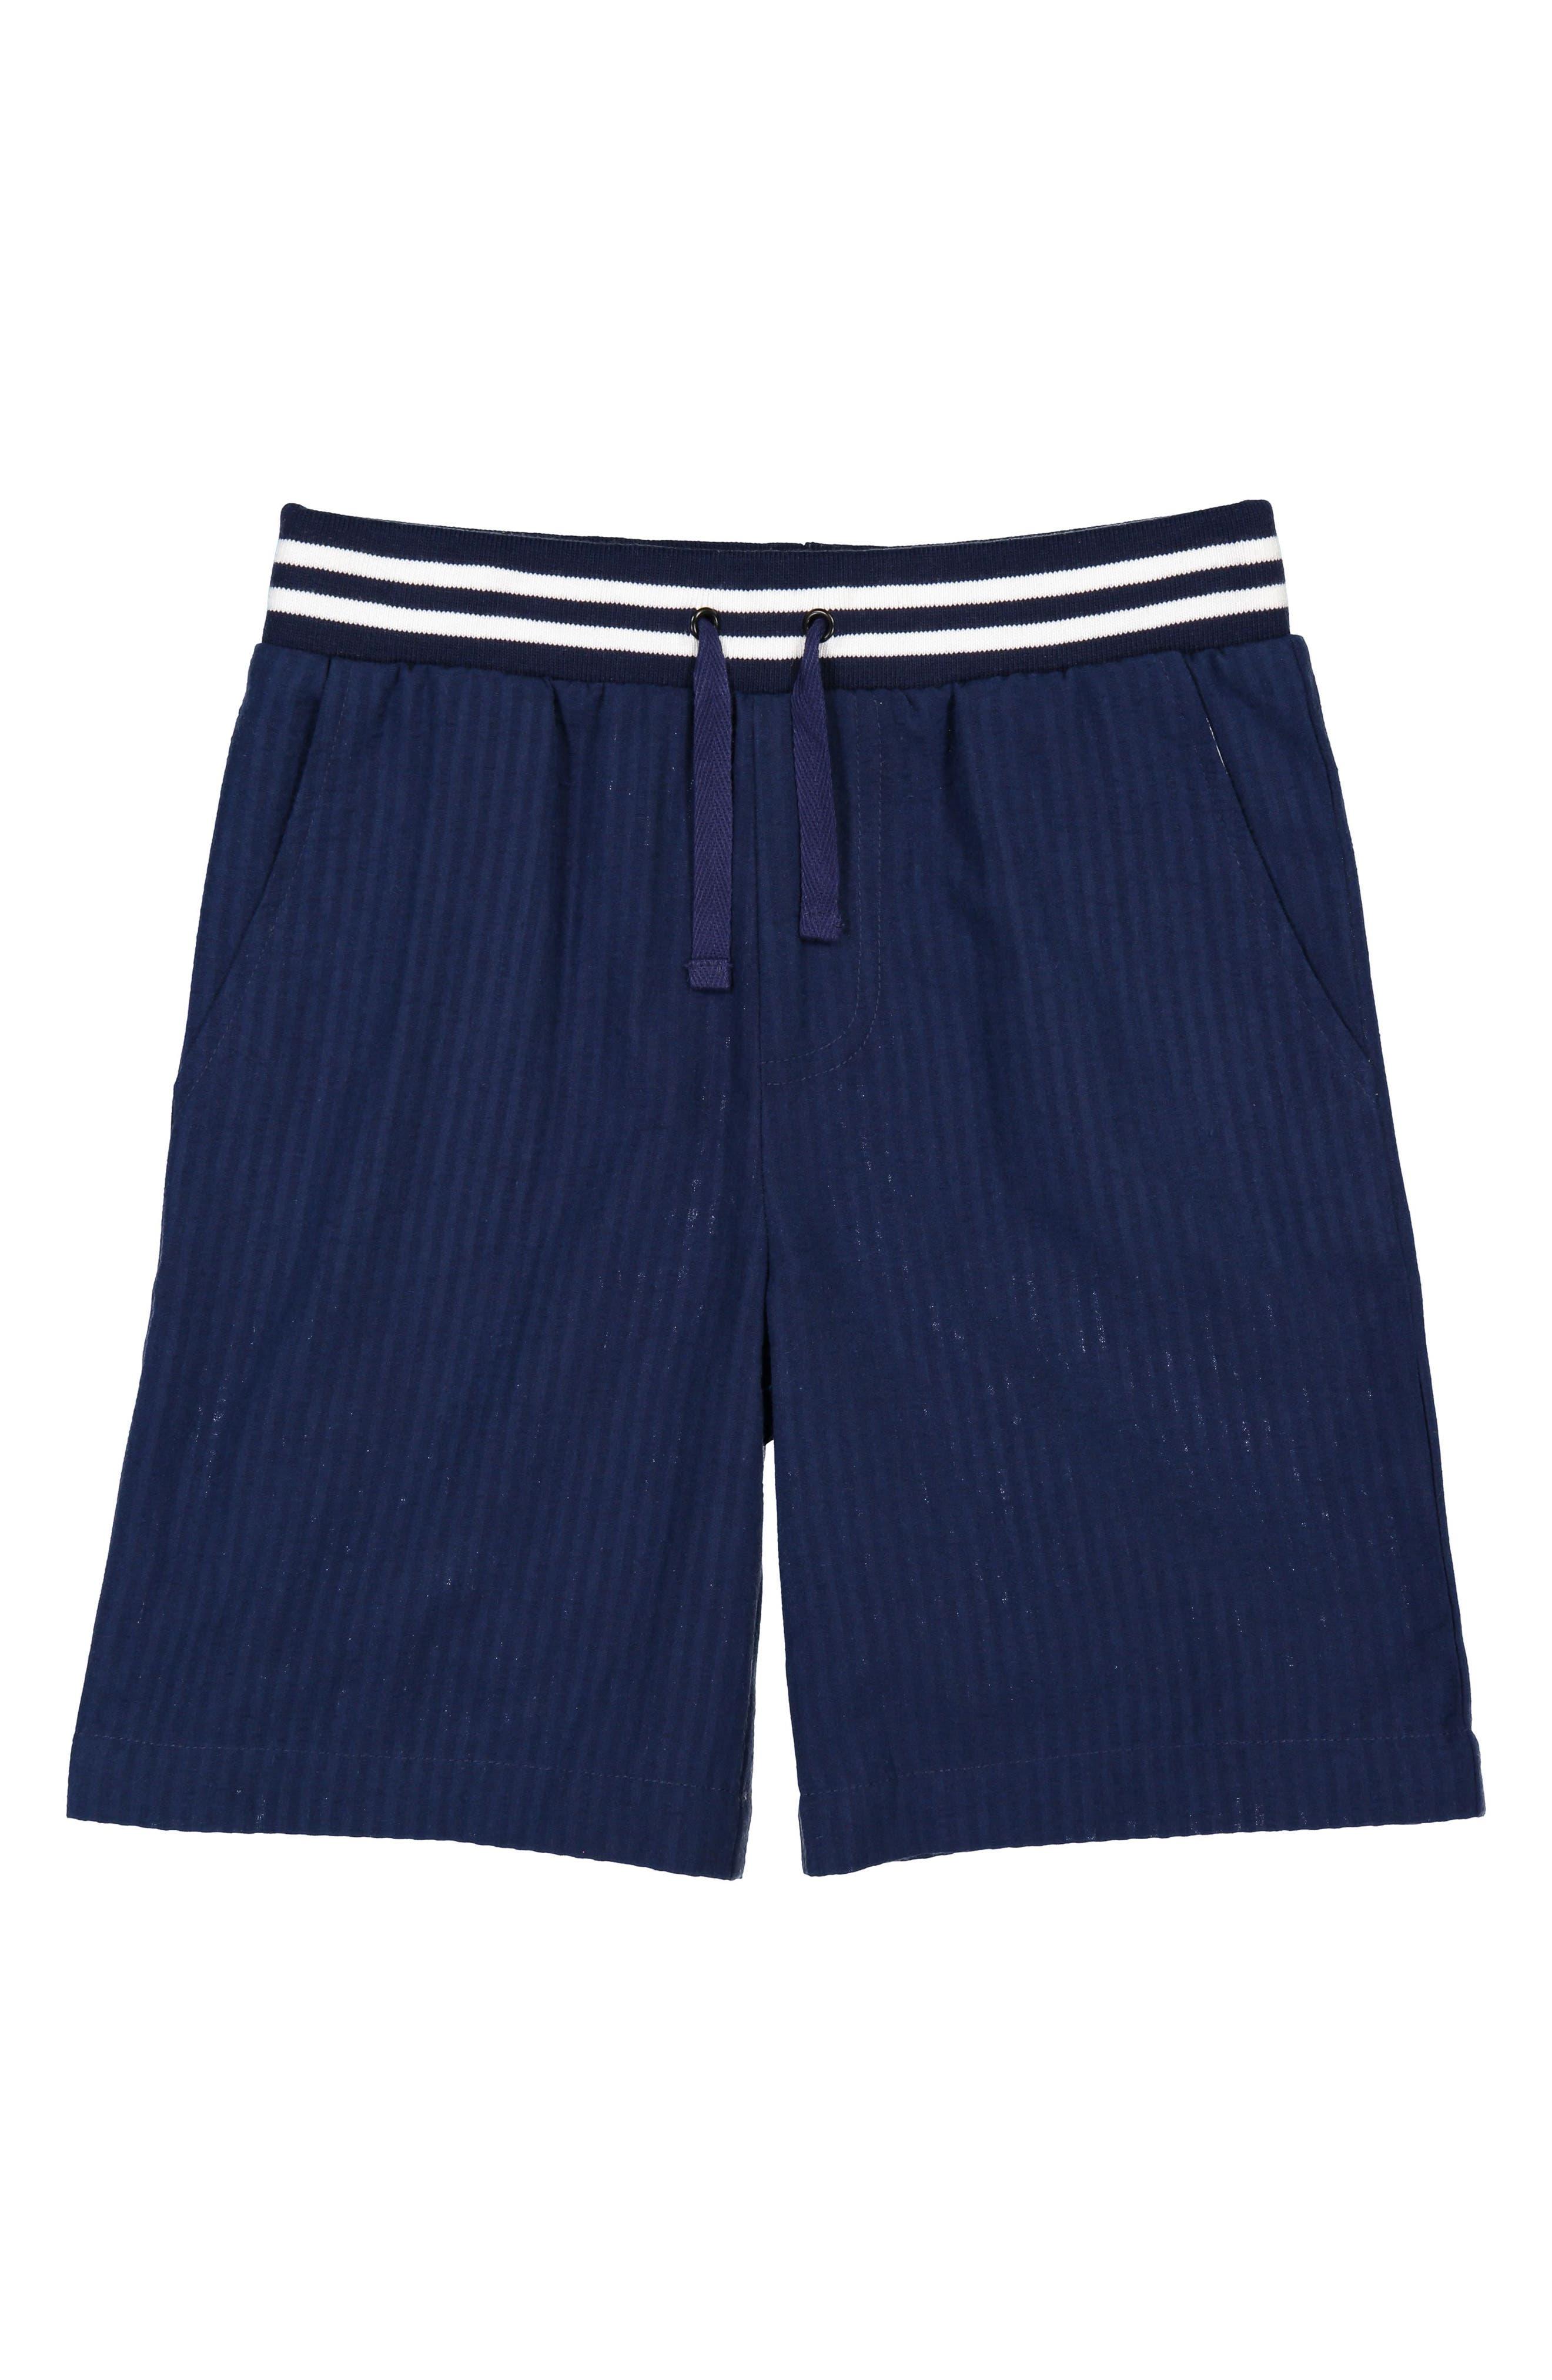 Seersucker Shorts,                         Main,                         color, NAVY